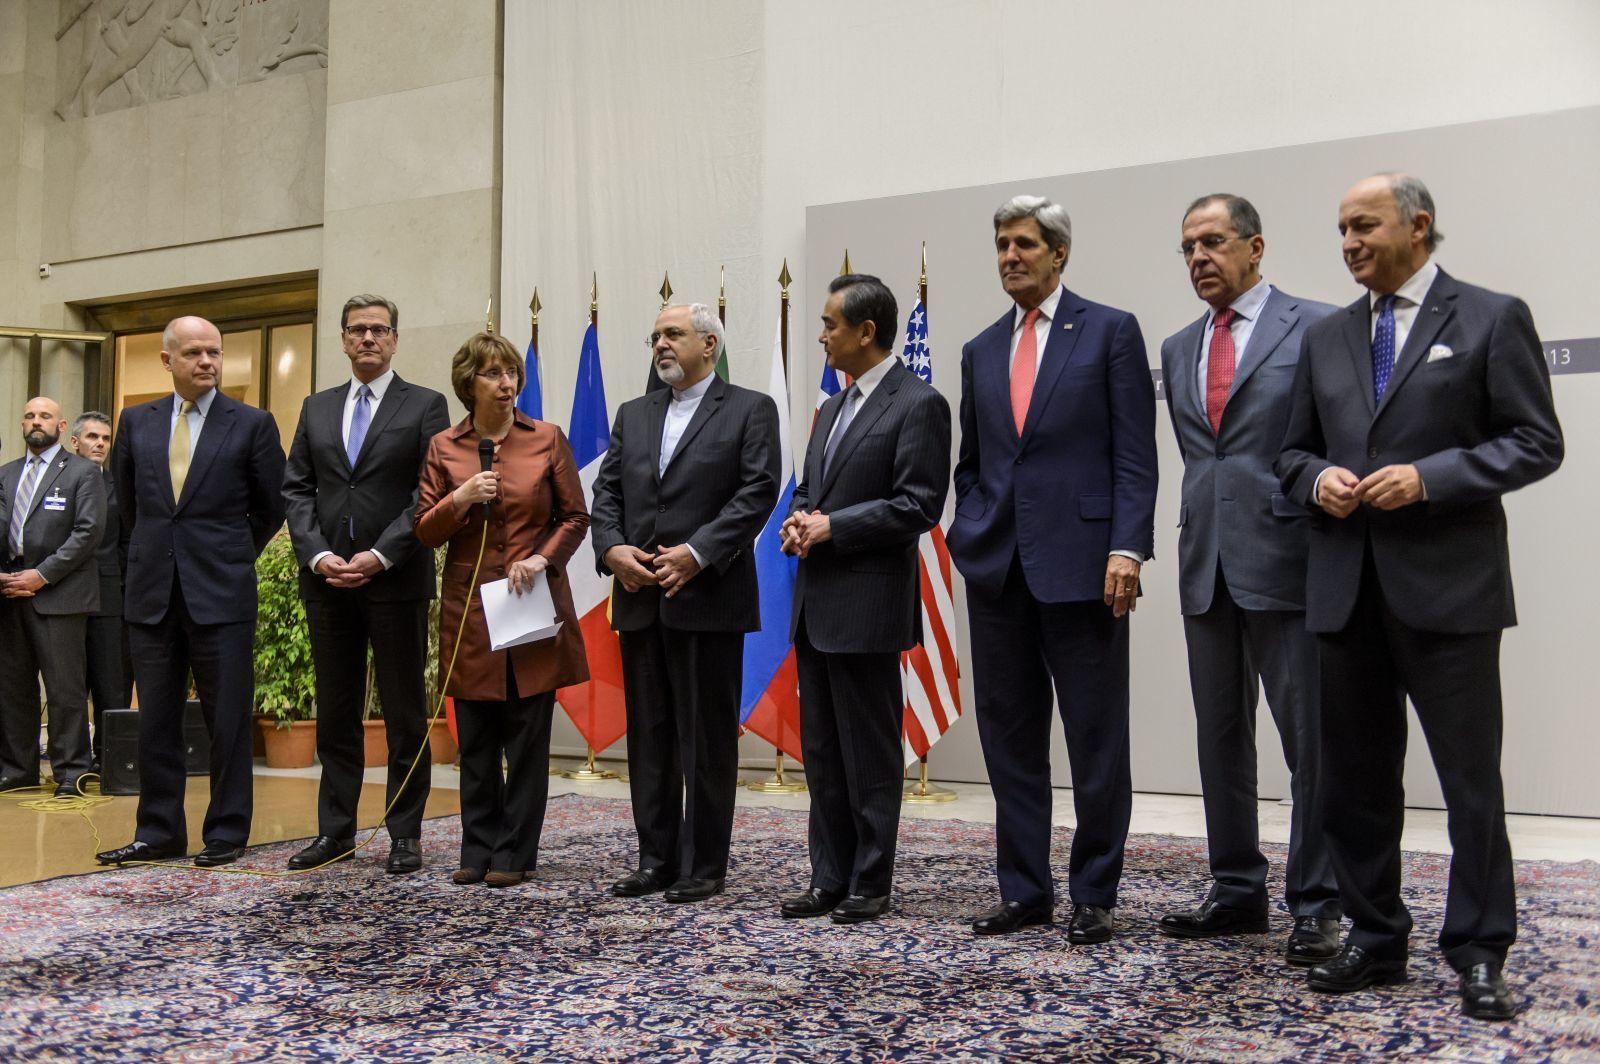 تحولات الموقف الأمريكي من الاتفاق النووي مع إيران